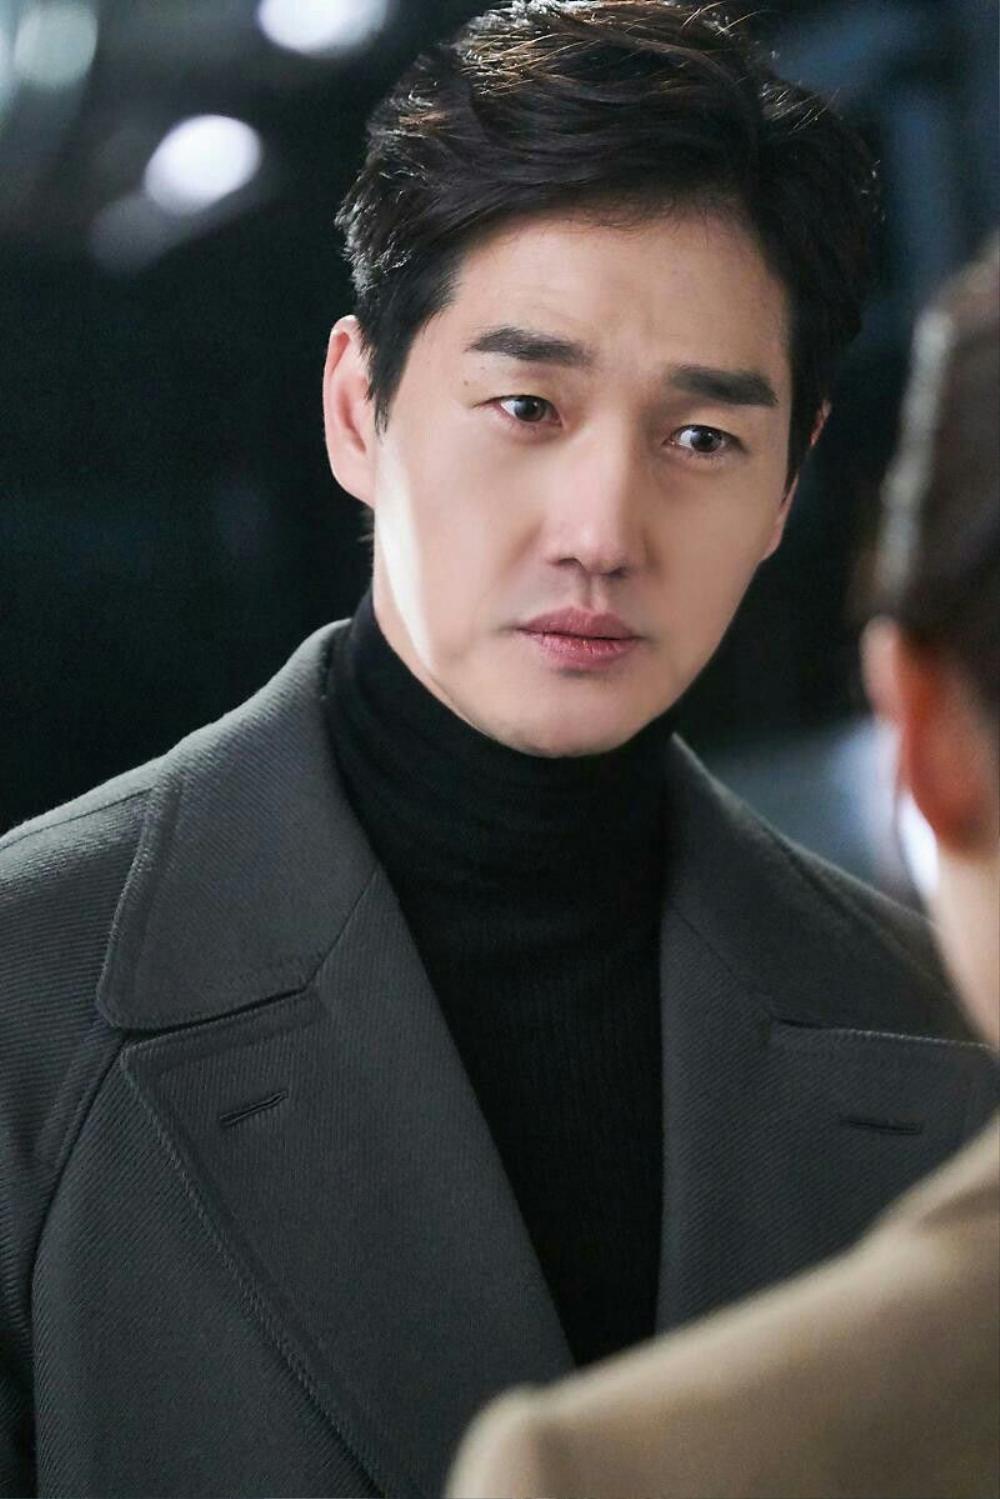 Dàn cast chính thức của siêu phẩm 'Phi vụ triệu đô' phiên bản Hàn Quốc gồm những ai? Ảnh 5